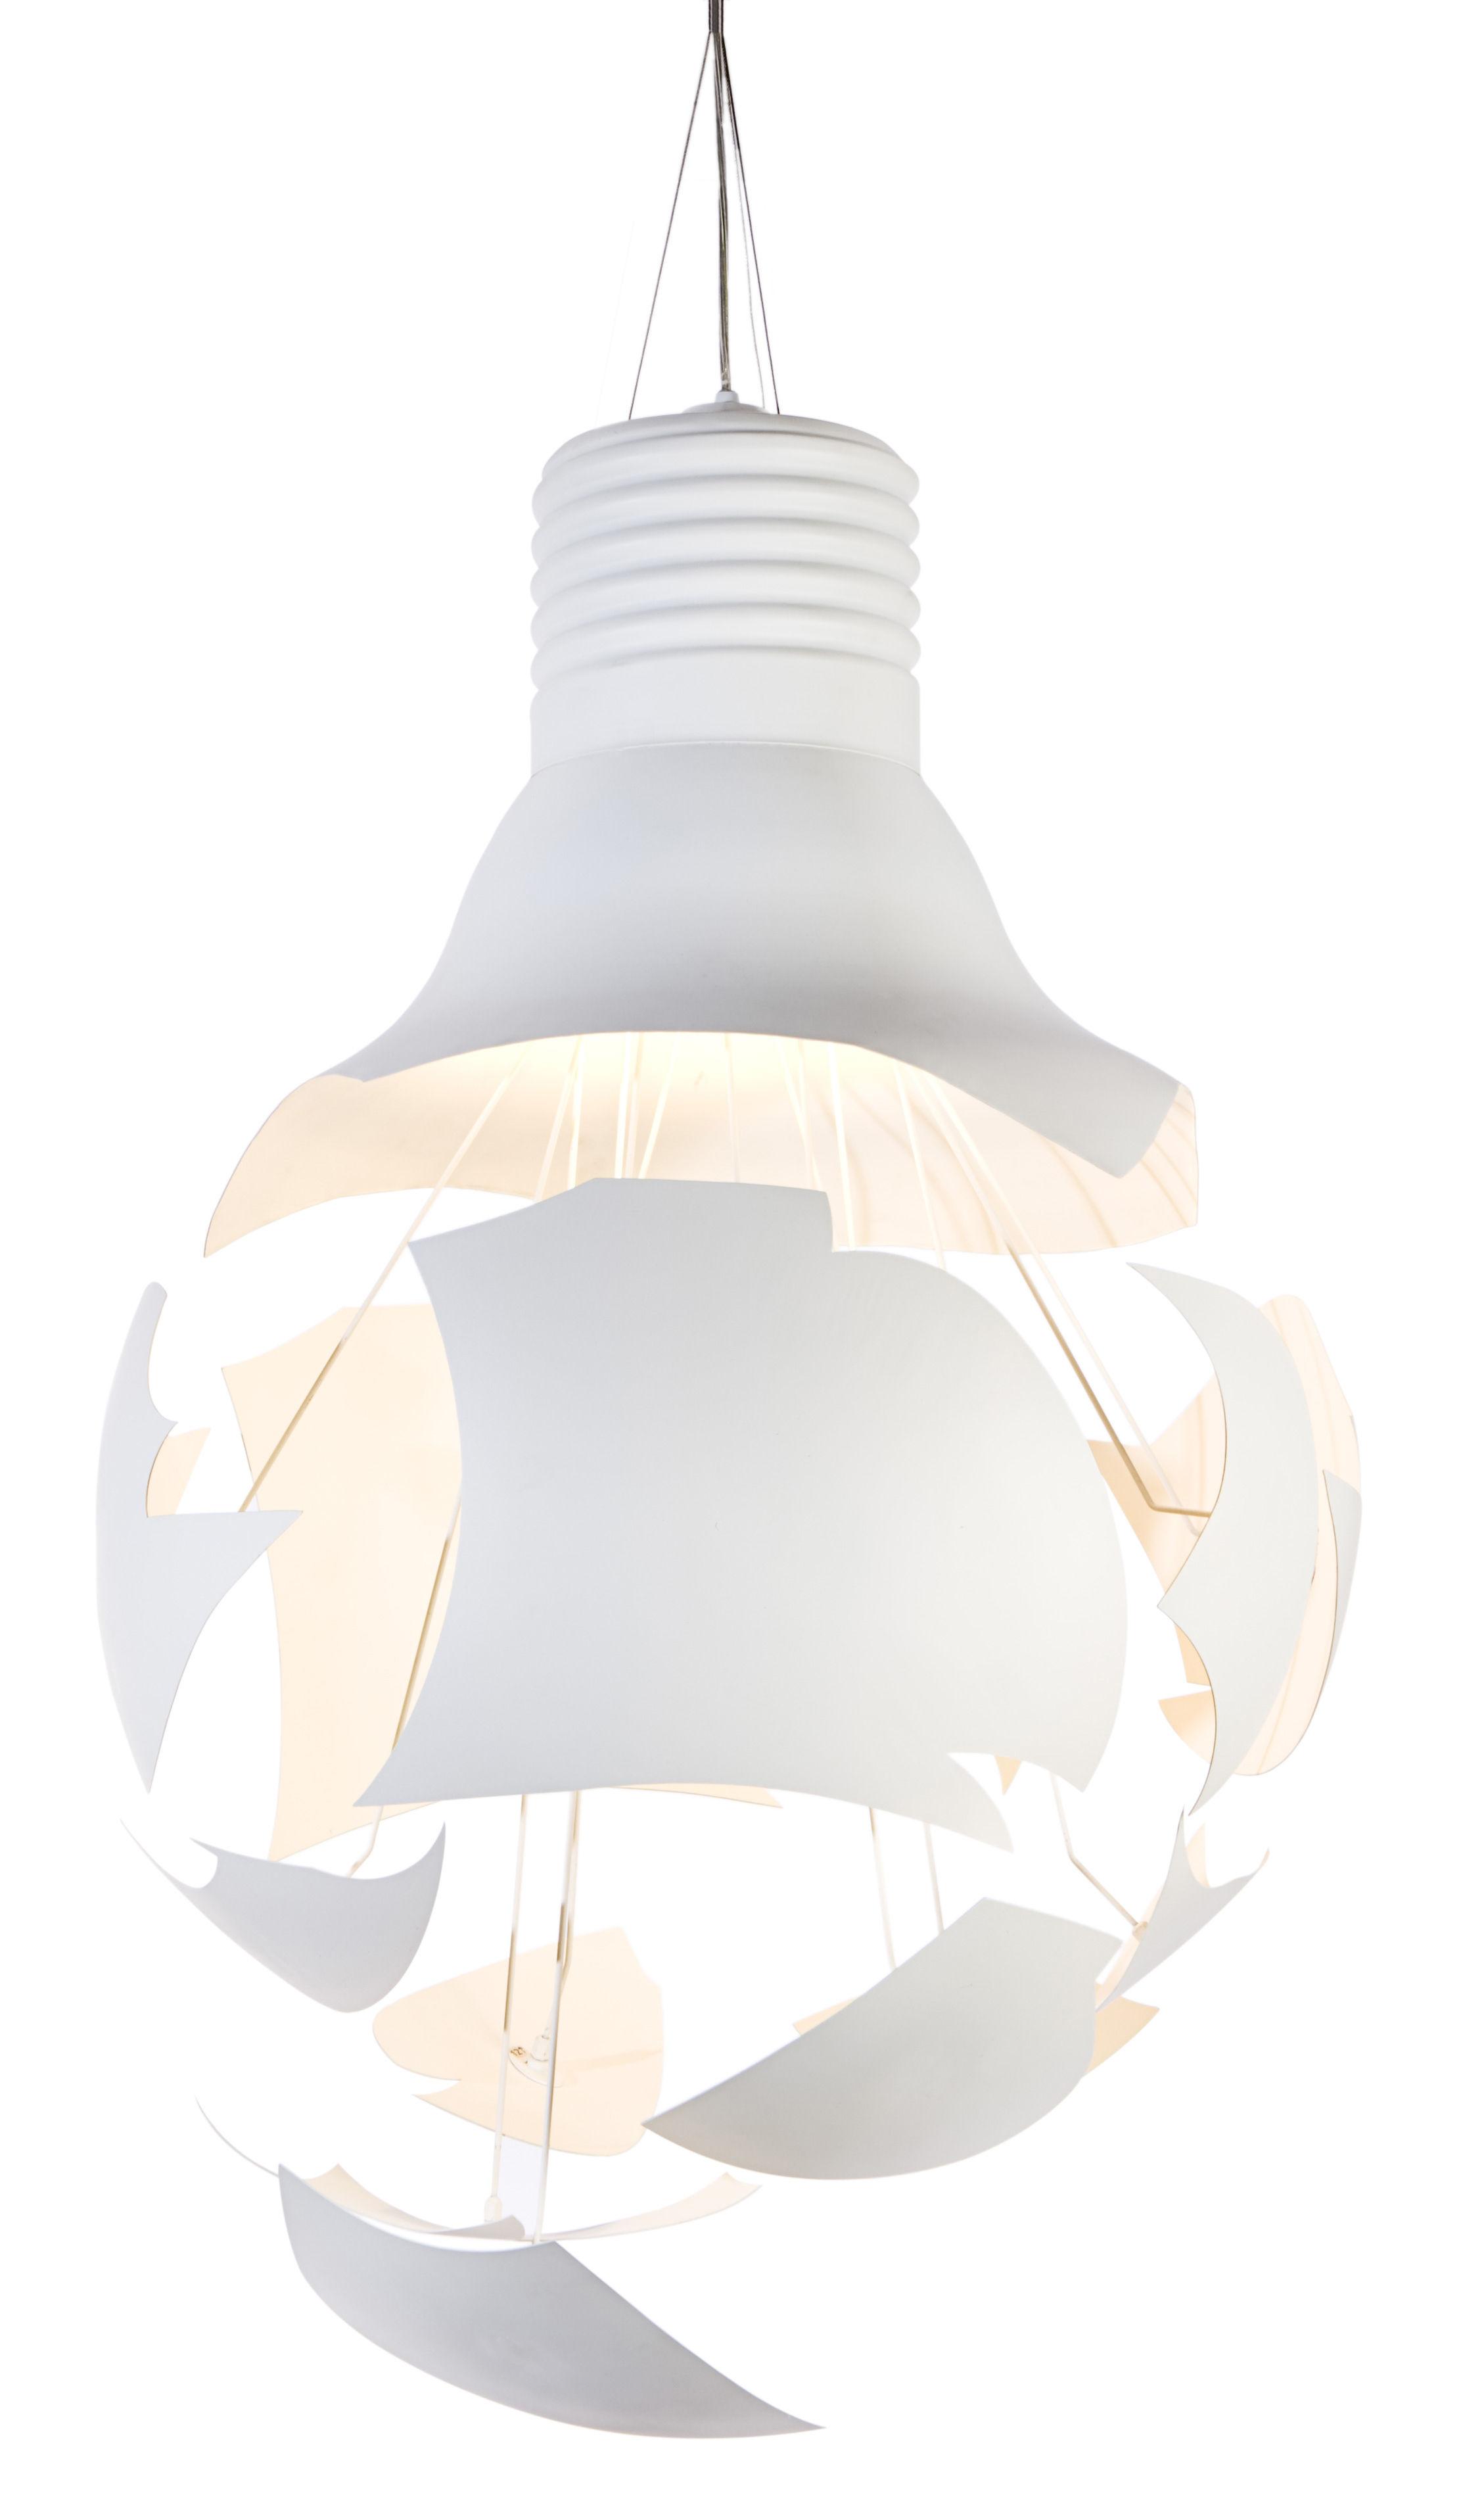 Leuchten - Pendelleuchten - Scheisse Pendelleuchte - Northern  - Weiß - lackierter Stahl